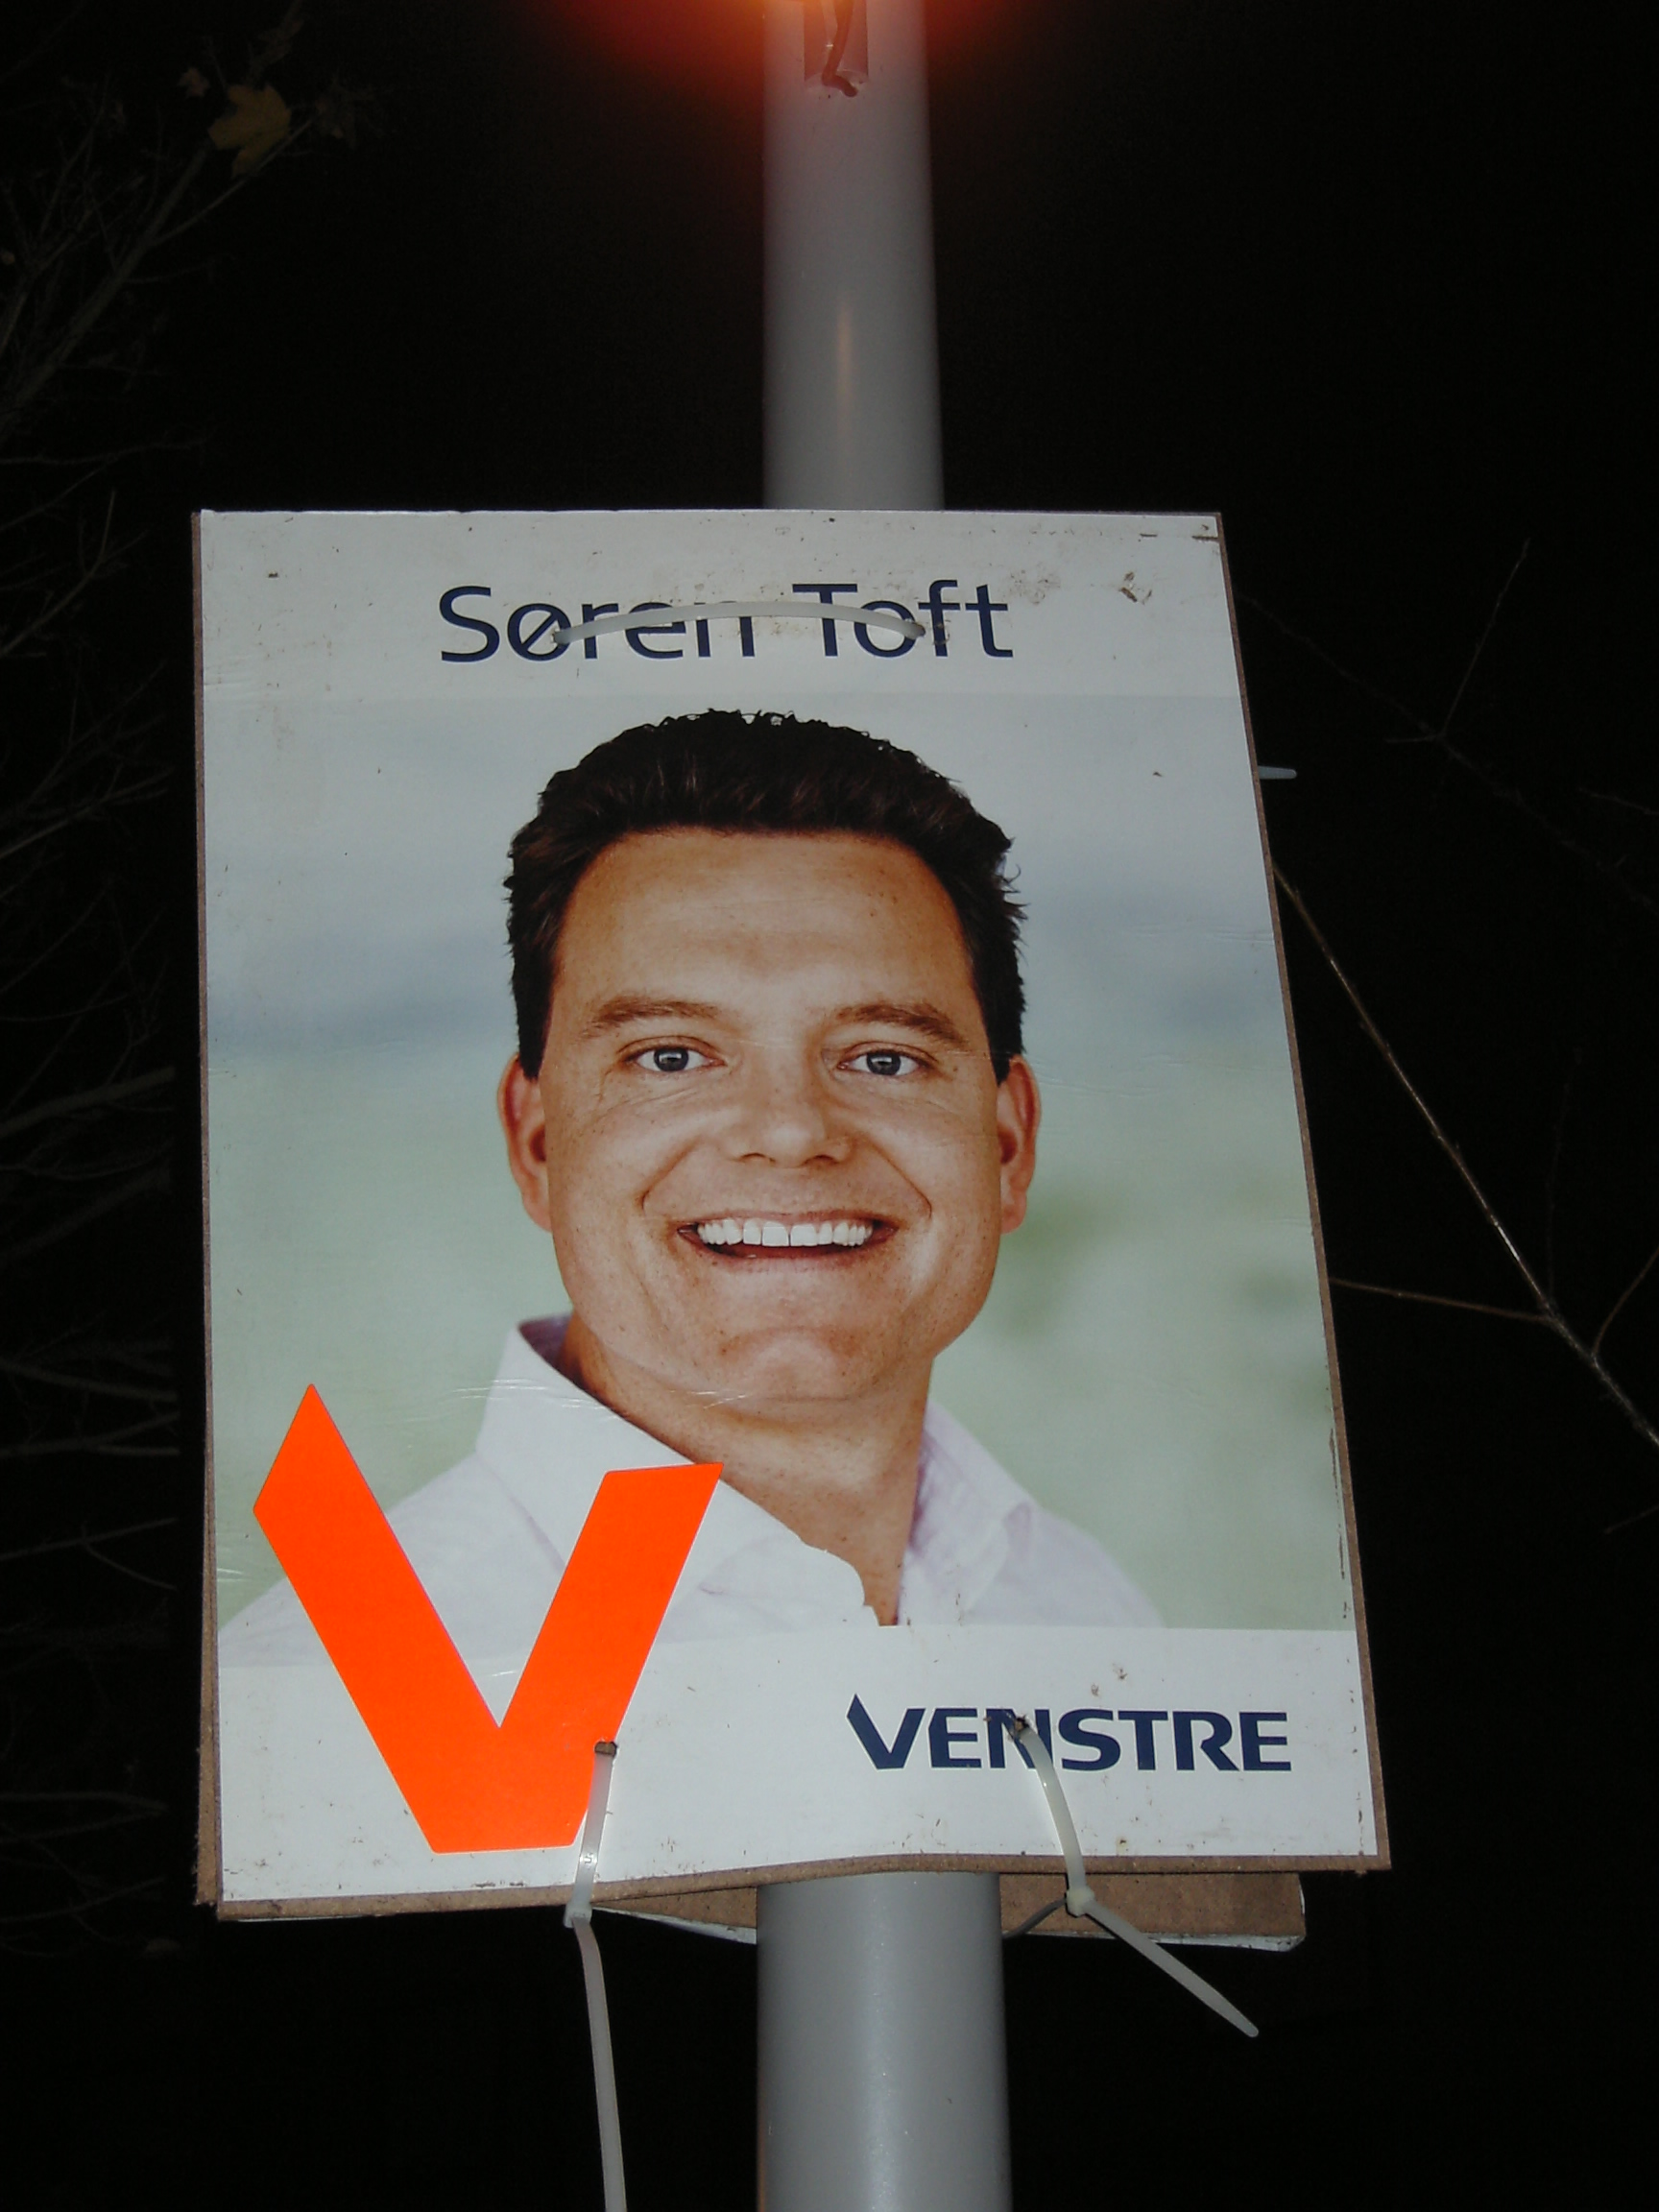 Søren Toft